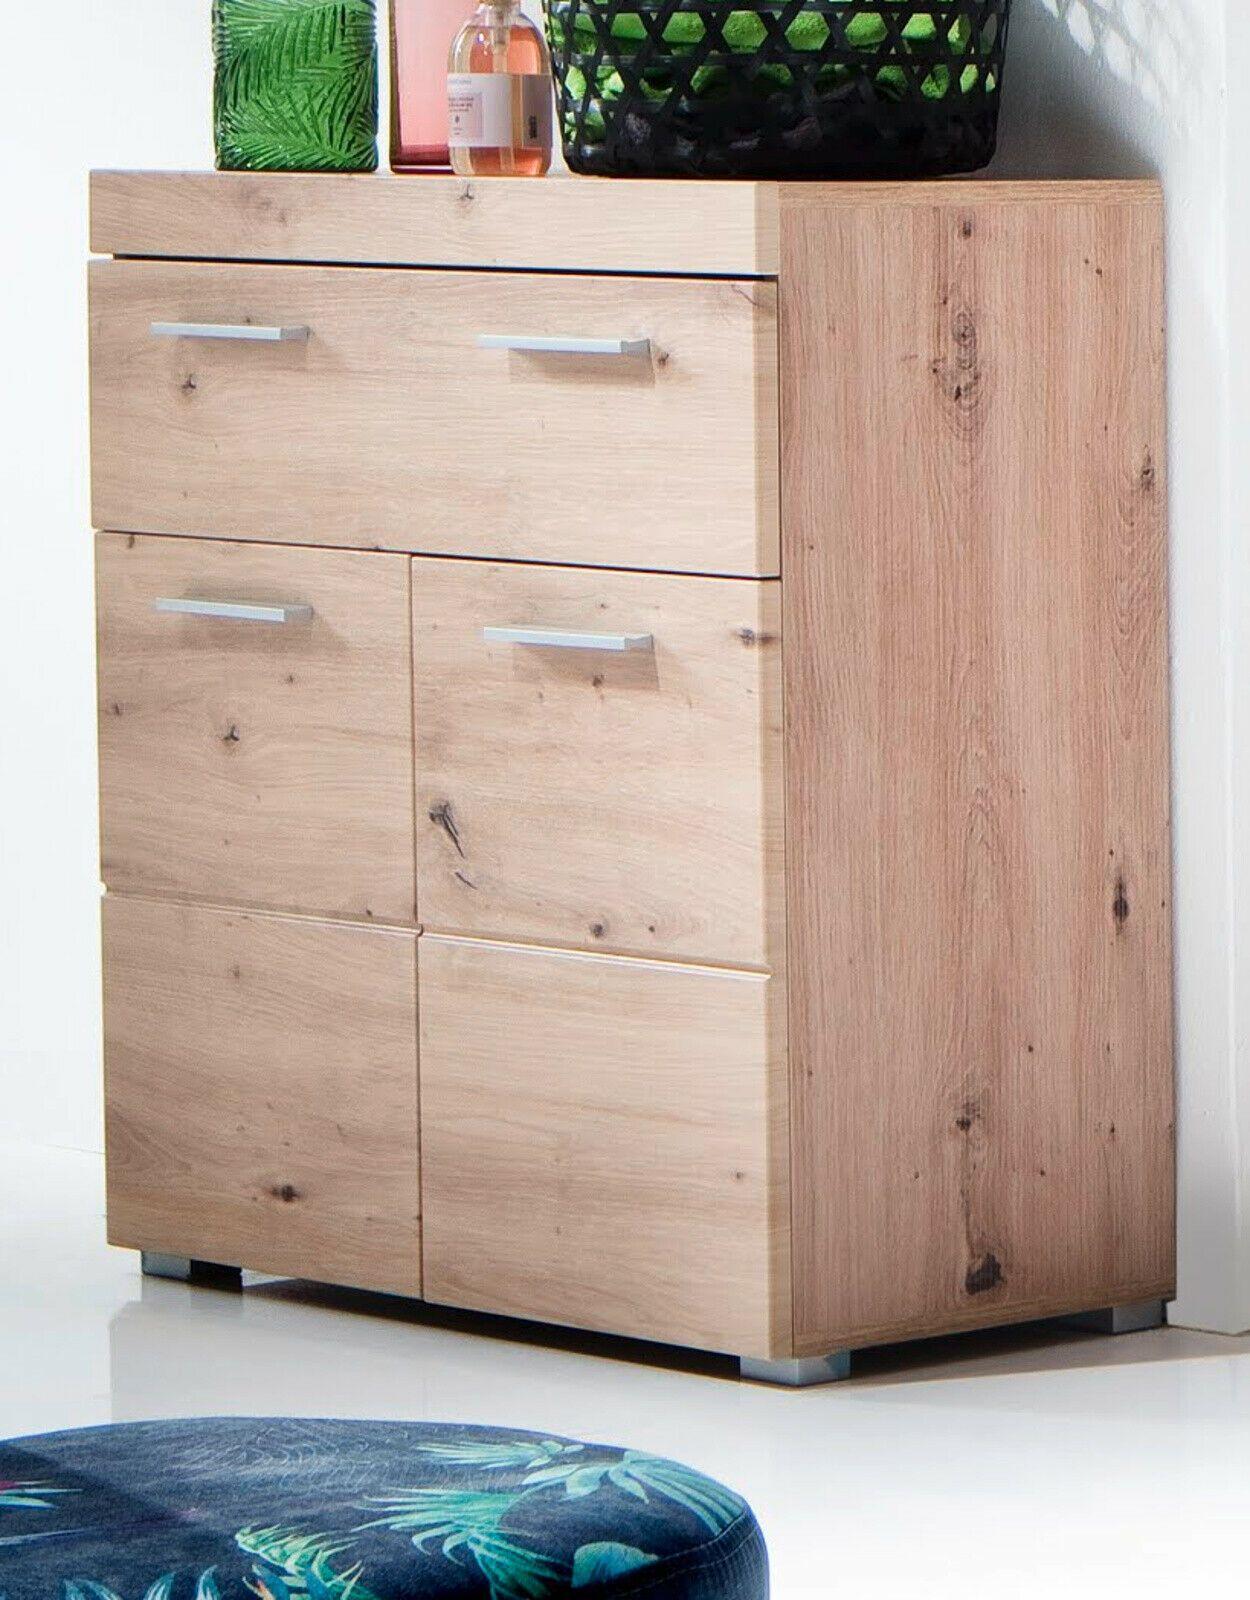 Badschrank Kommode Eiche Asteiche Unterschrank 73x 80 Cm Badezimmer Mobel Amanda Badezimmermobel Ideen In 2021 Badezimmer Mobel Kommode Eiche Badezimmermobel Holz